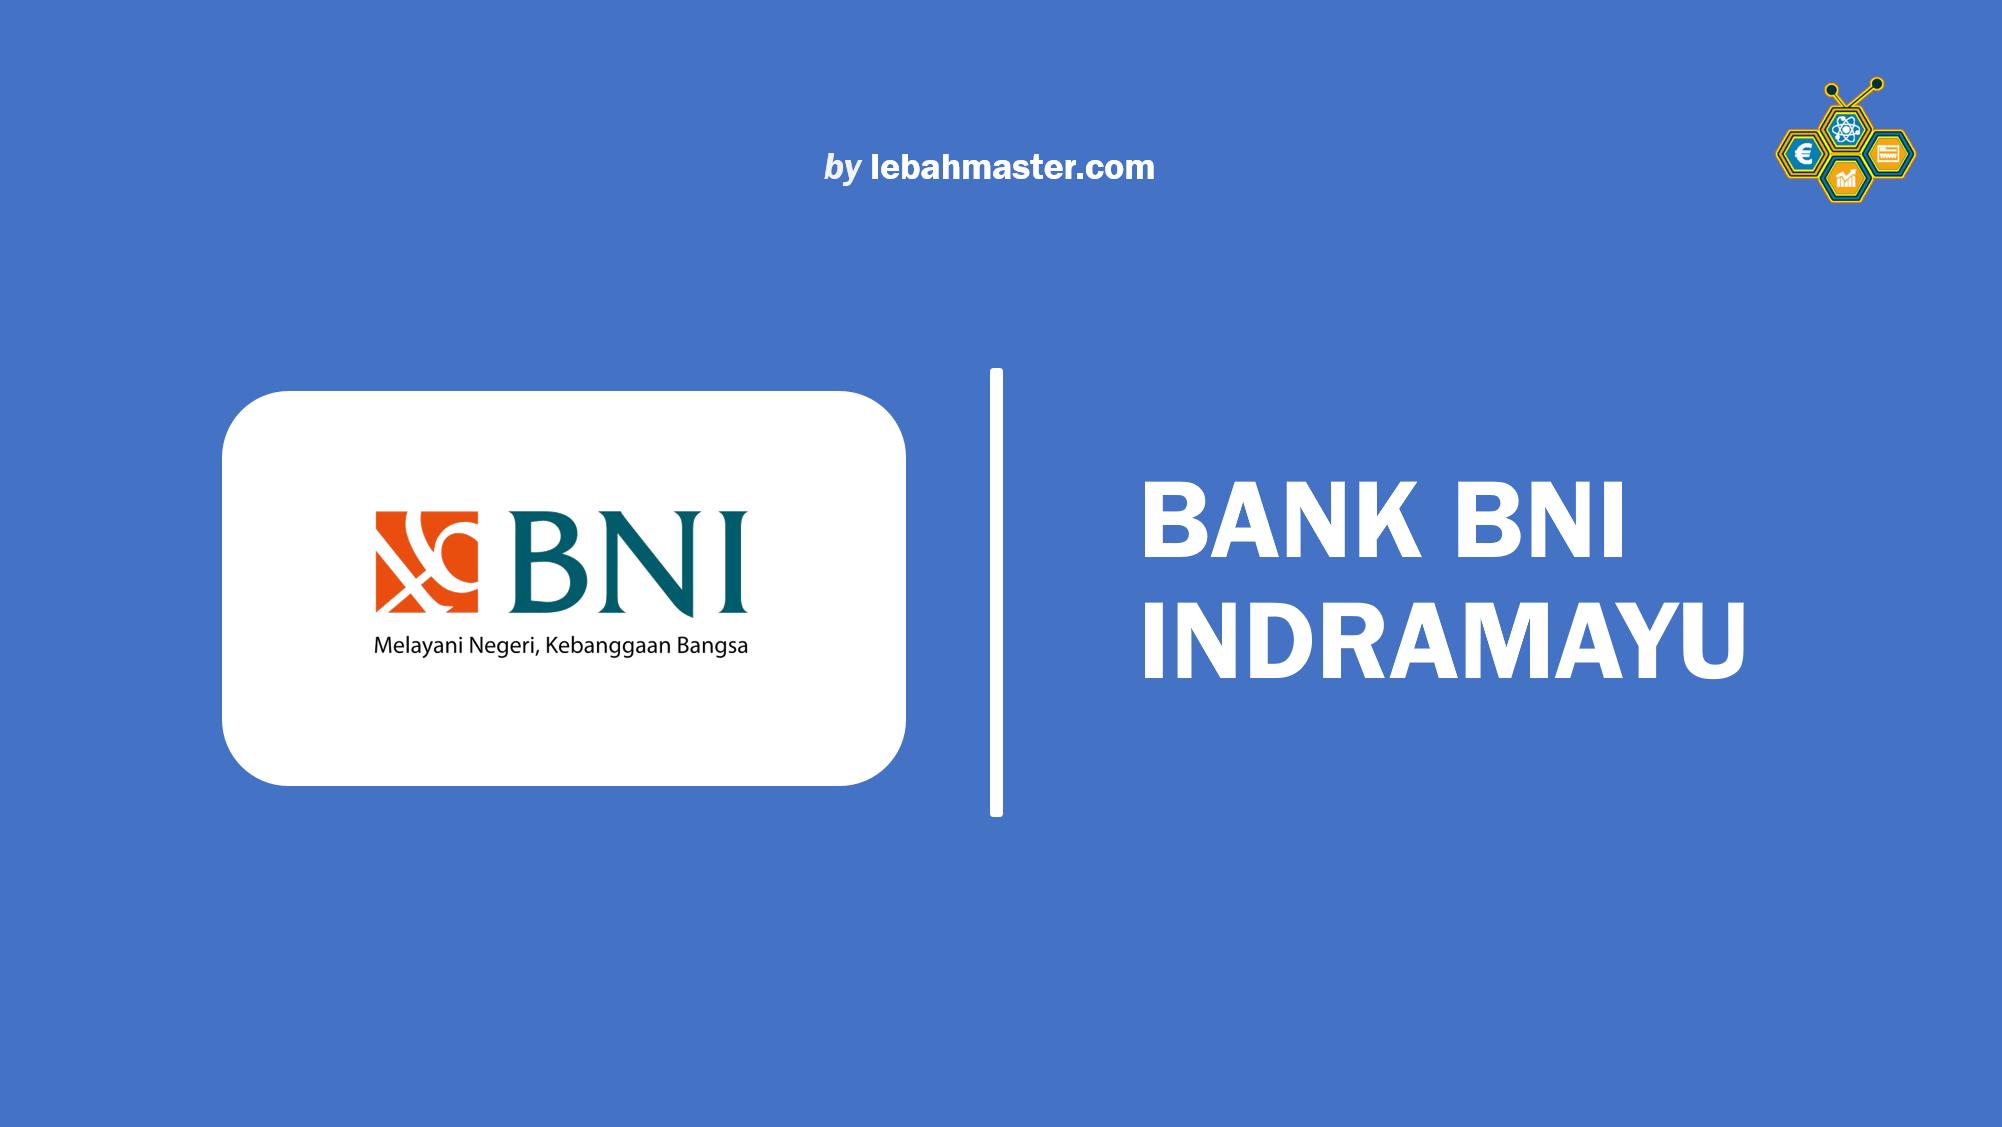 Bank BNI Indramayu